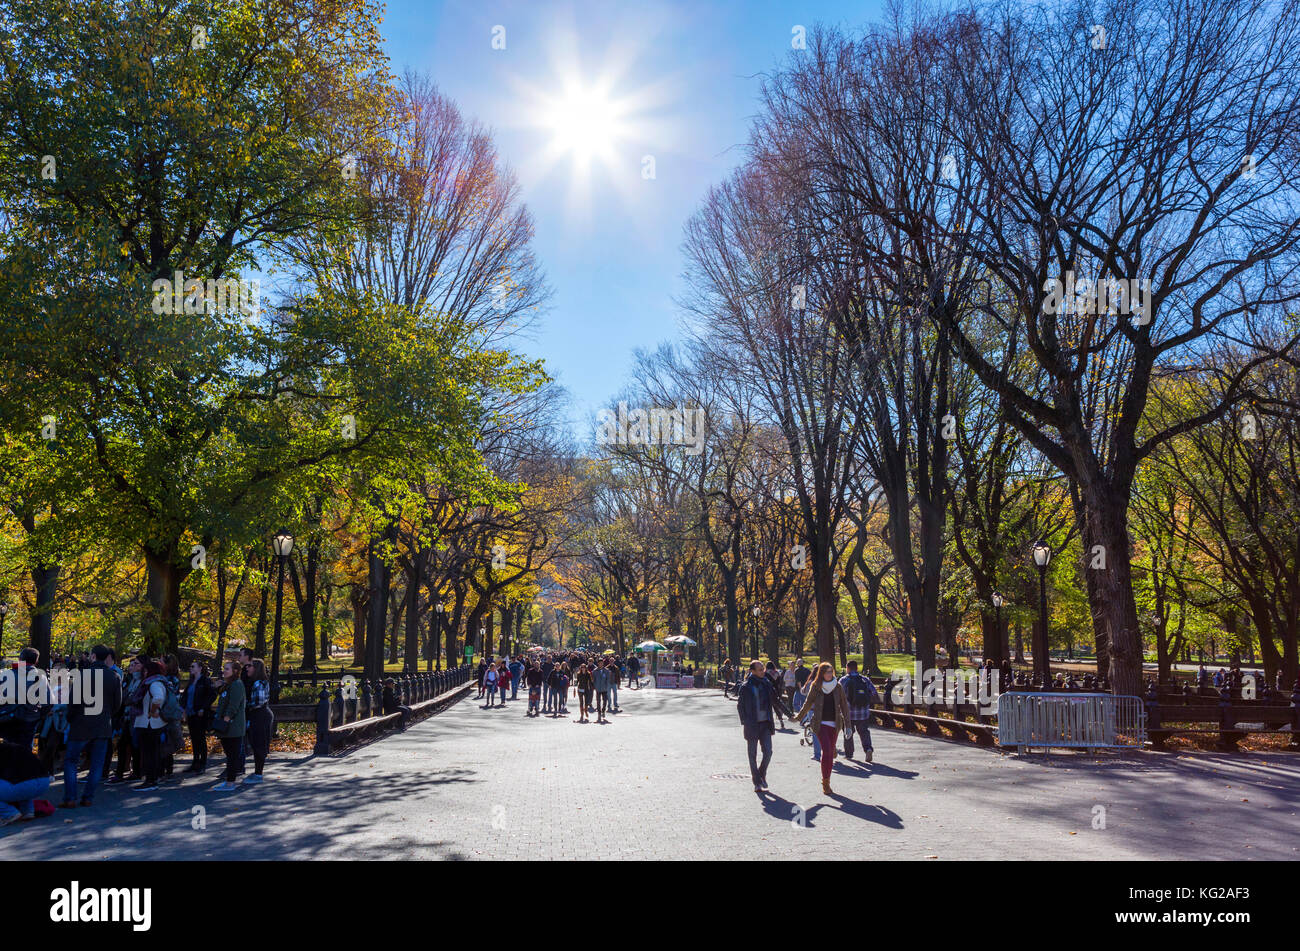 Il Mall, al Central Park di New York City, NY, STATI UNITI D'AMERICA Immagini Stock